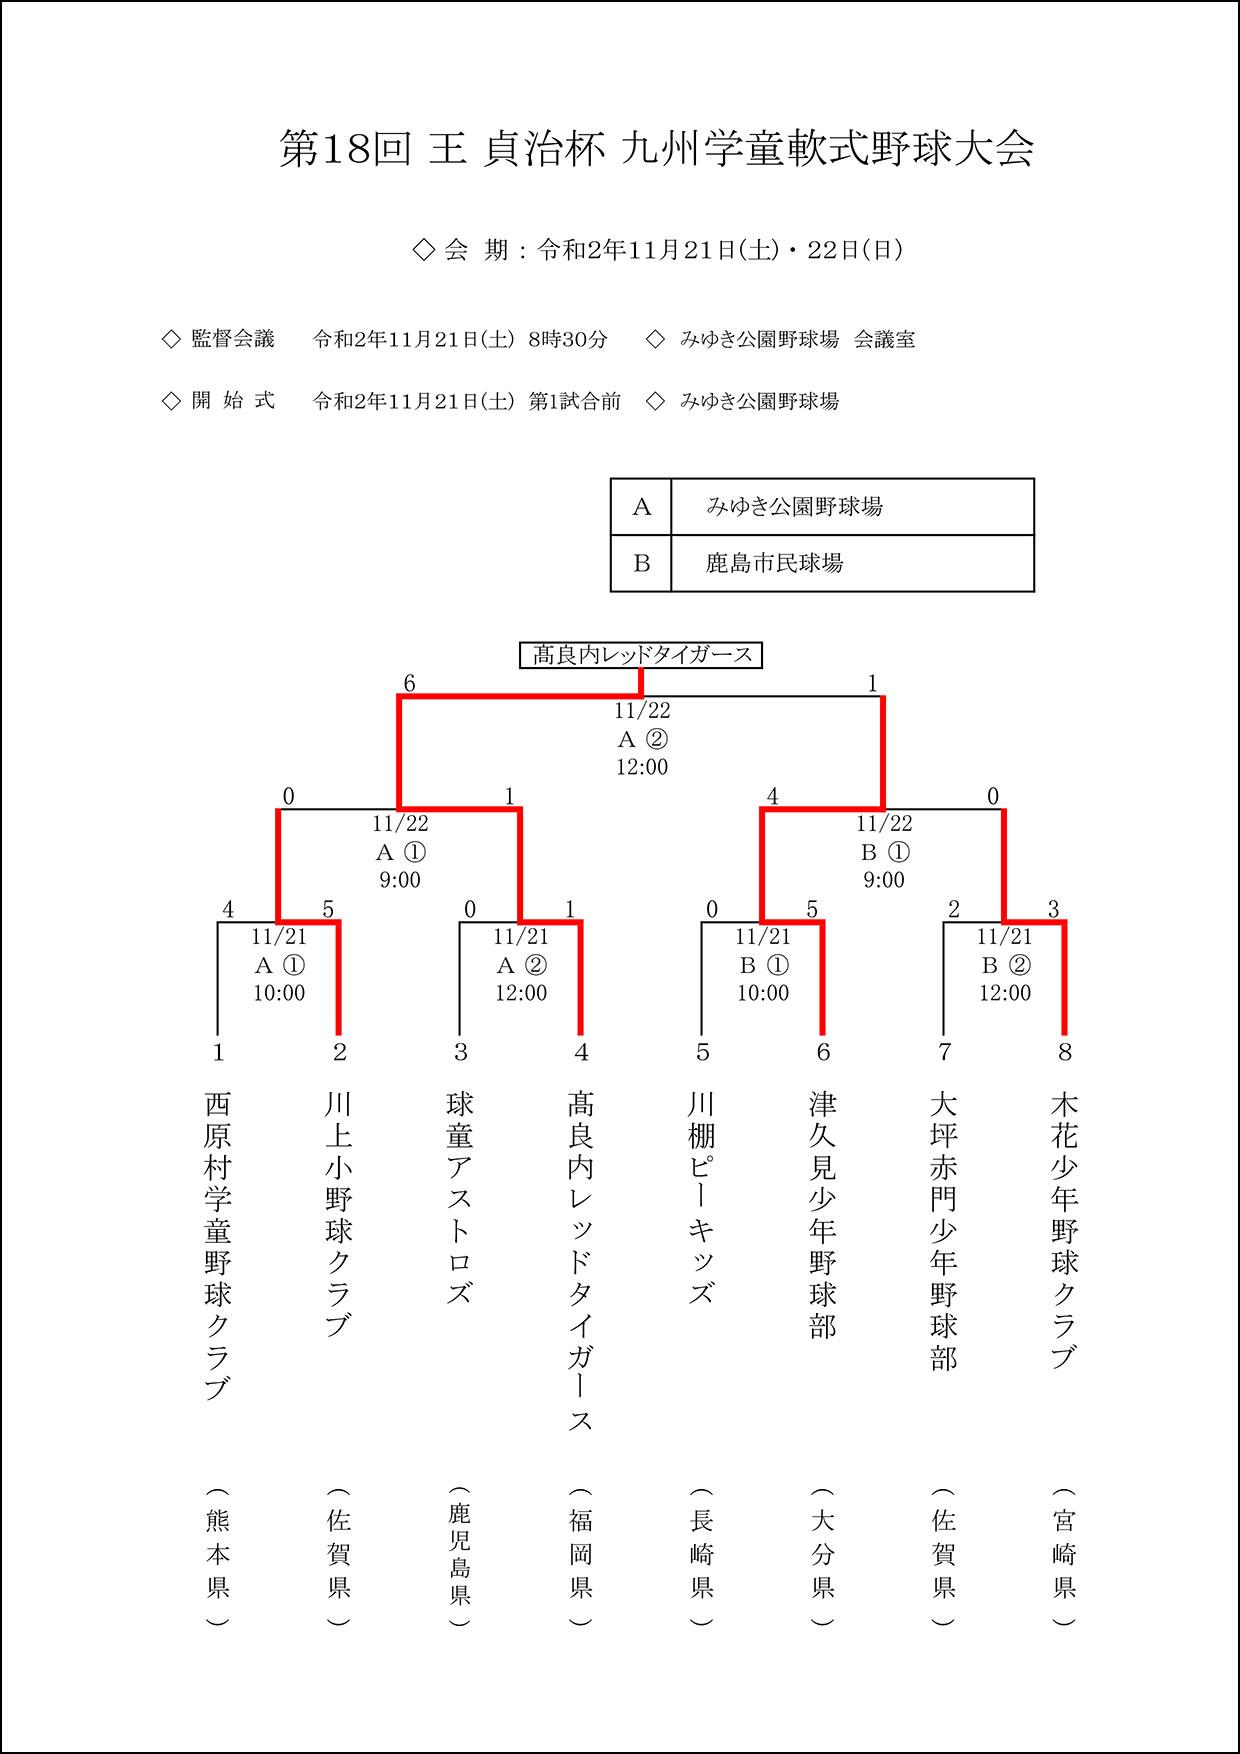 【結果】第18回 王 貞治杯 九州学童軟式野球大会